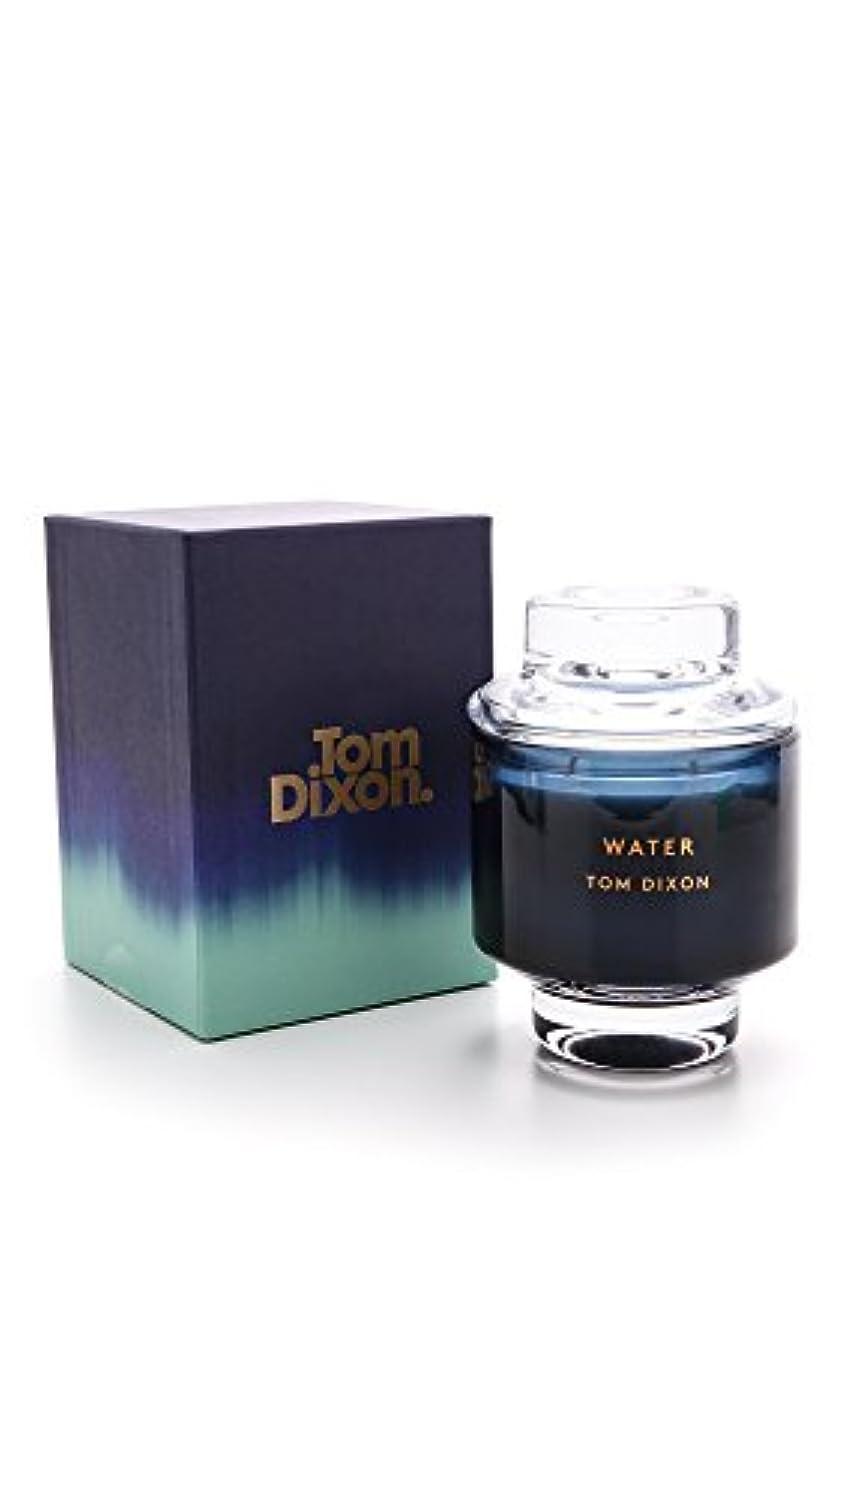 補うおもてなし風変わりなTom Dixonメンズ水Scented Candle One Size ブルー SC05WA